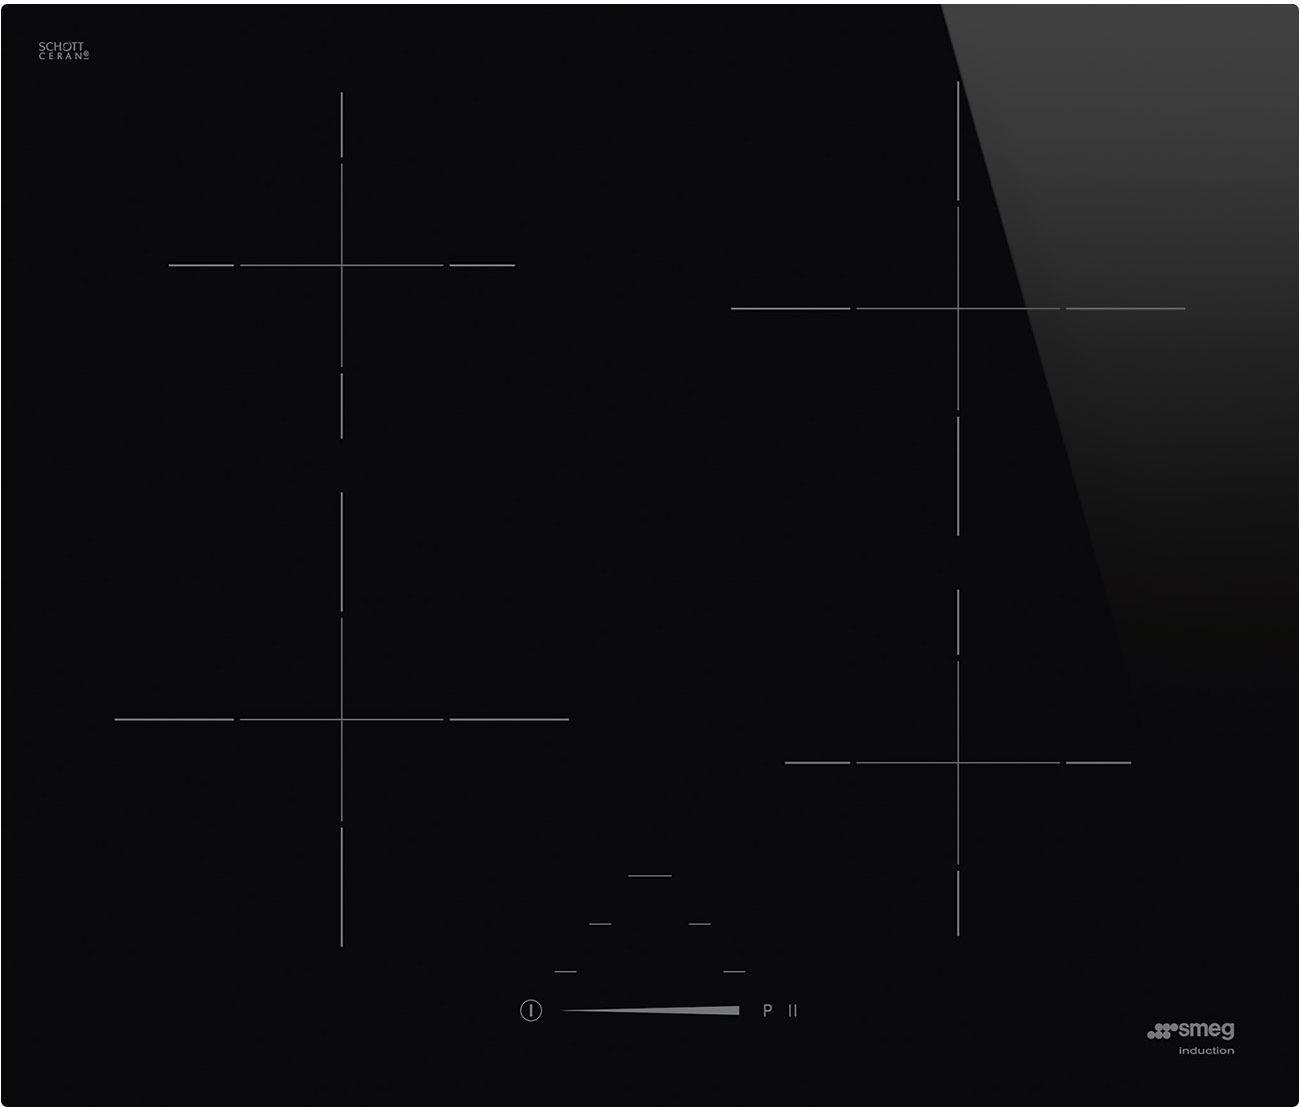 Płyta Smeg SI4642D - Użyj Kodu - Raty 20 x 0% I Kto pyta płaci mniej I dzwoń tel. 22 266 82 20 !